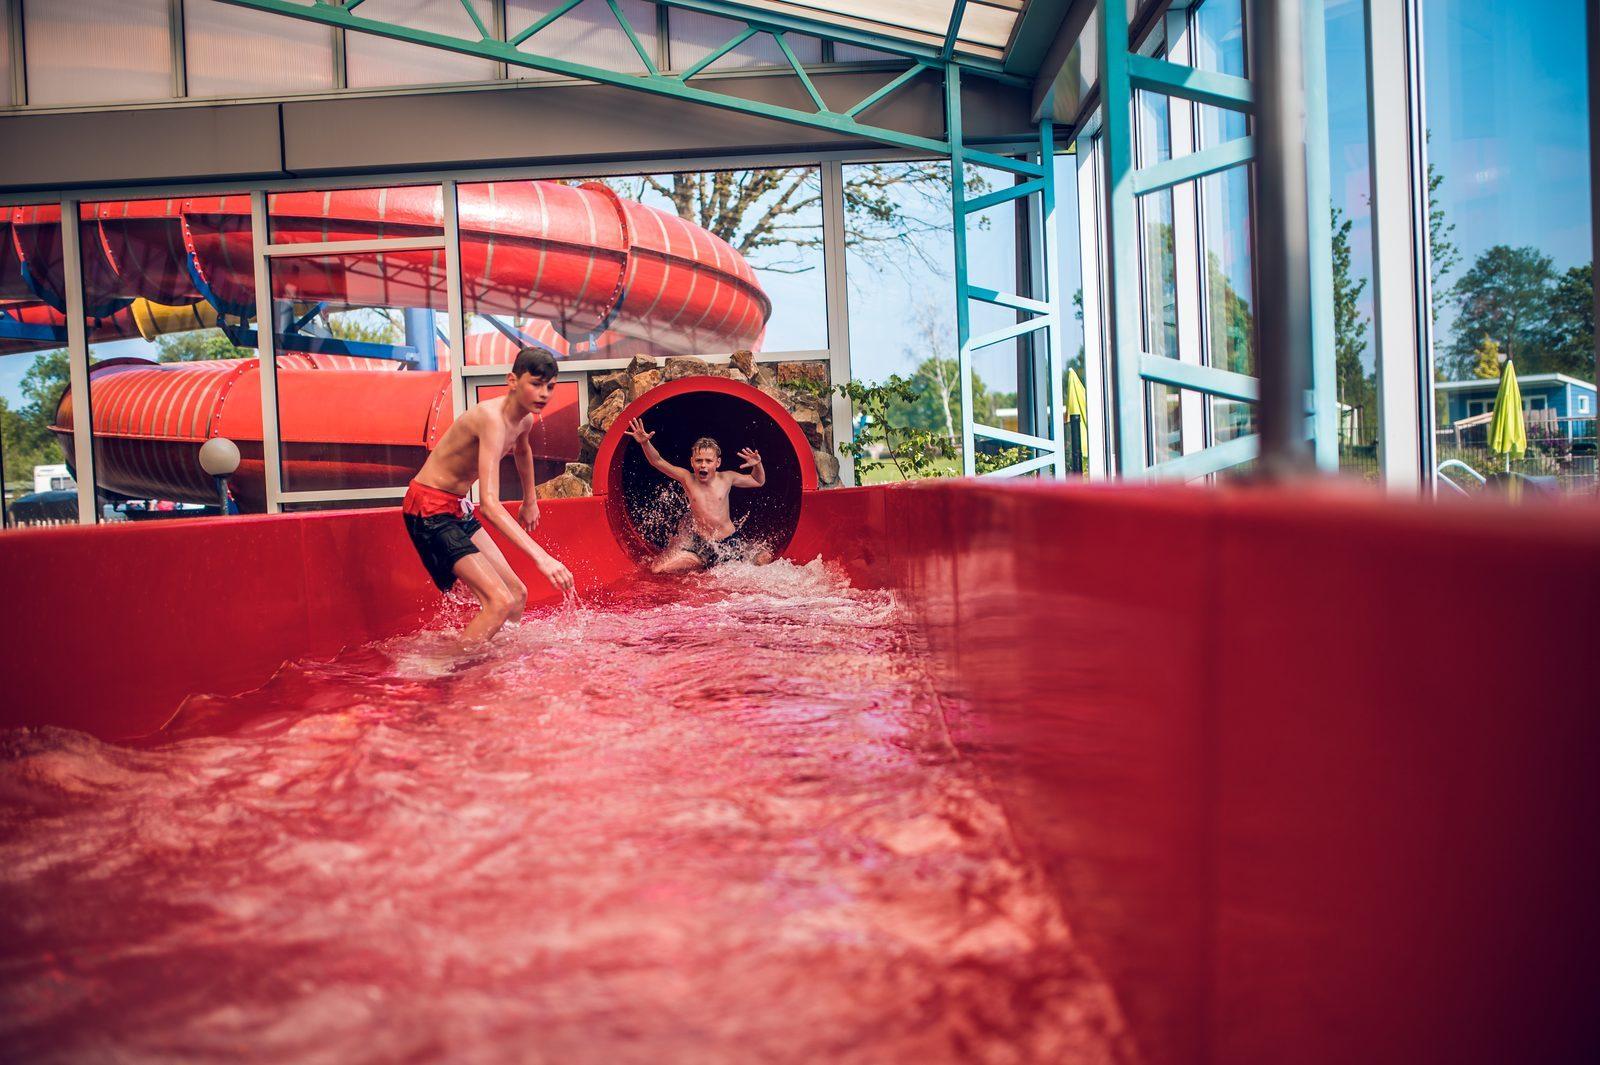 zwembad glijbaan Ackersate